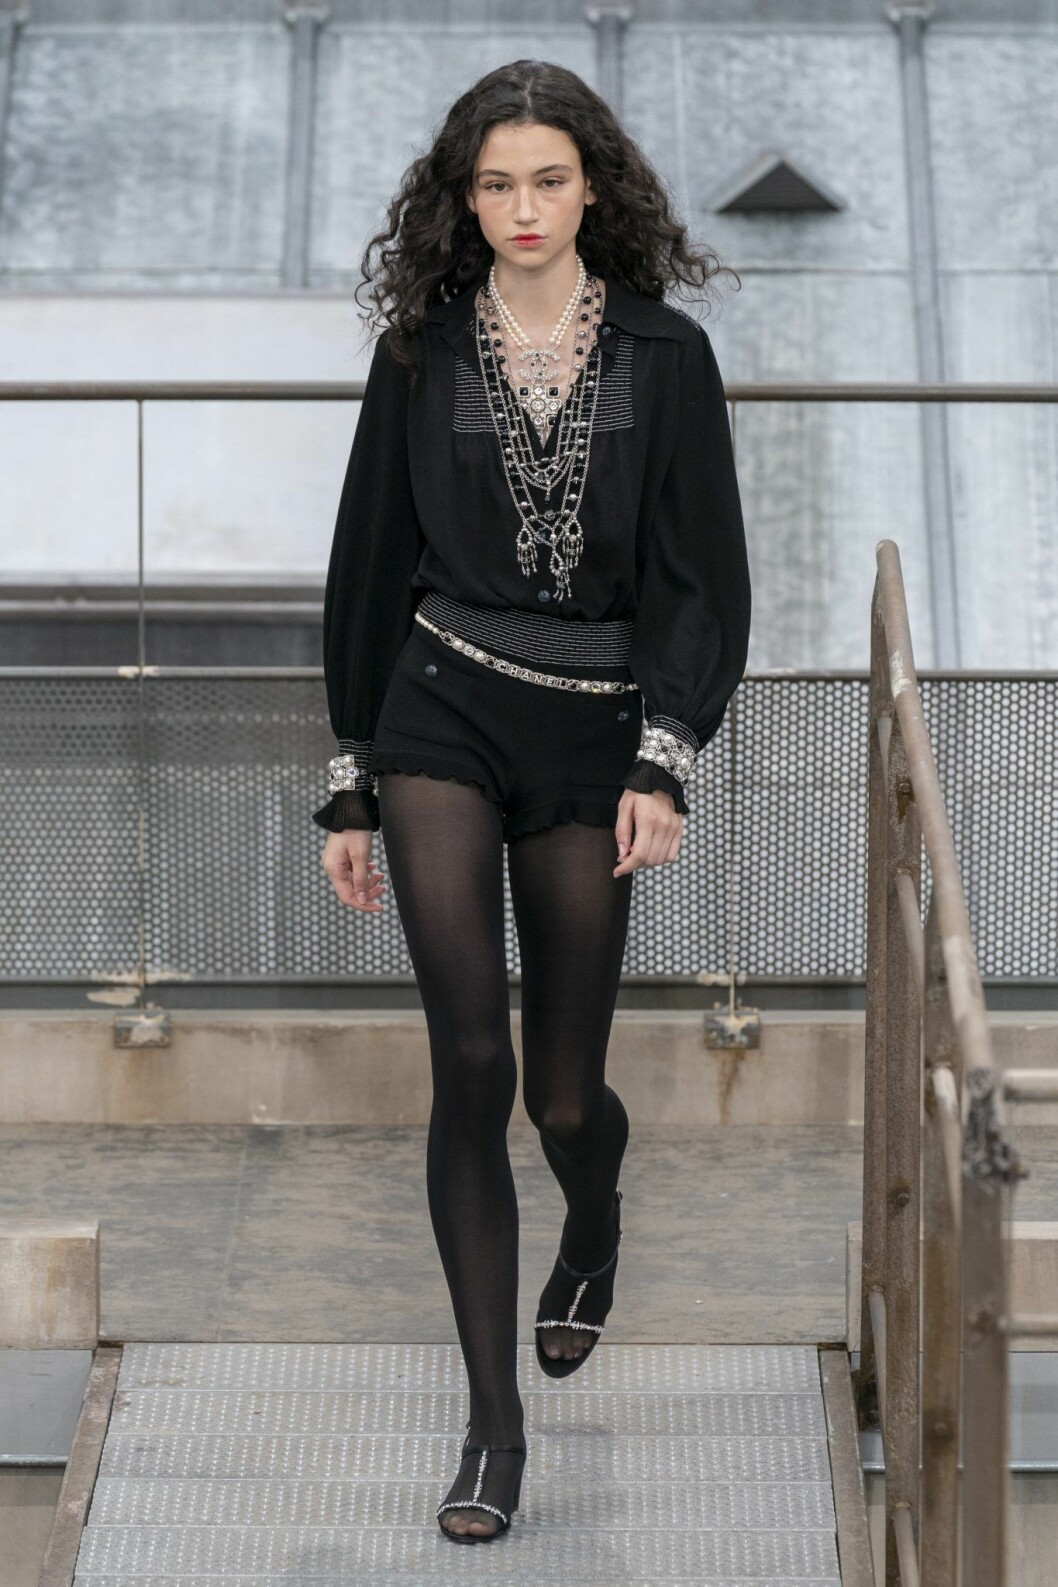 Chanel hotpants